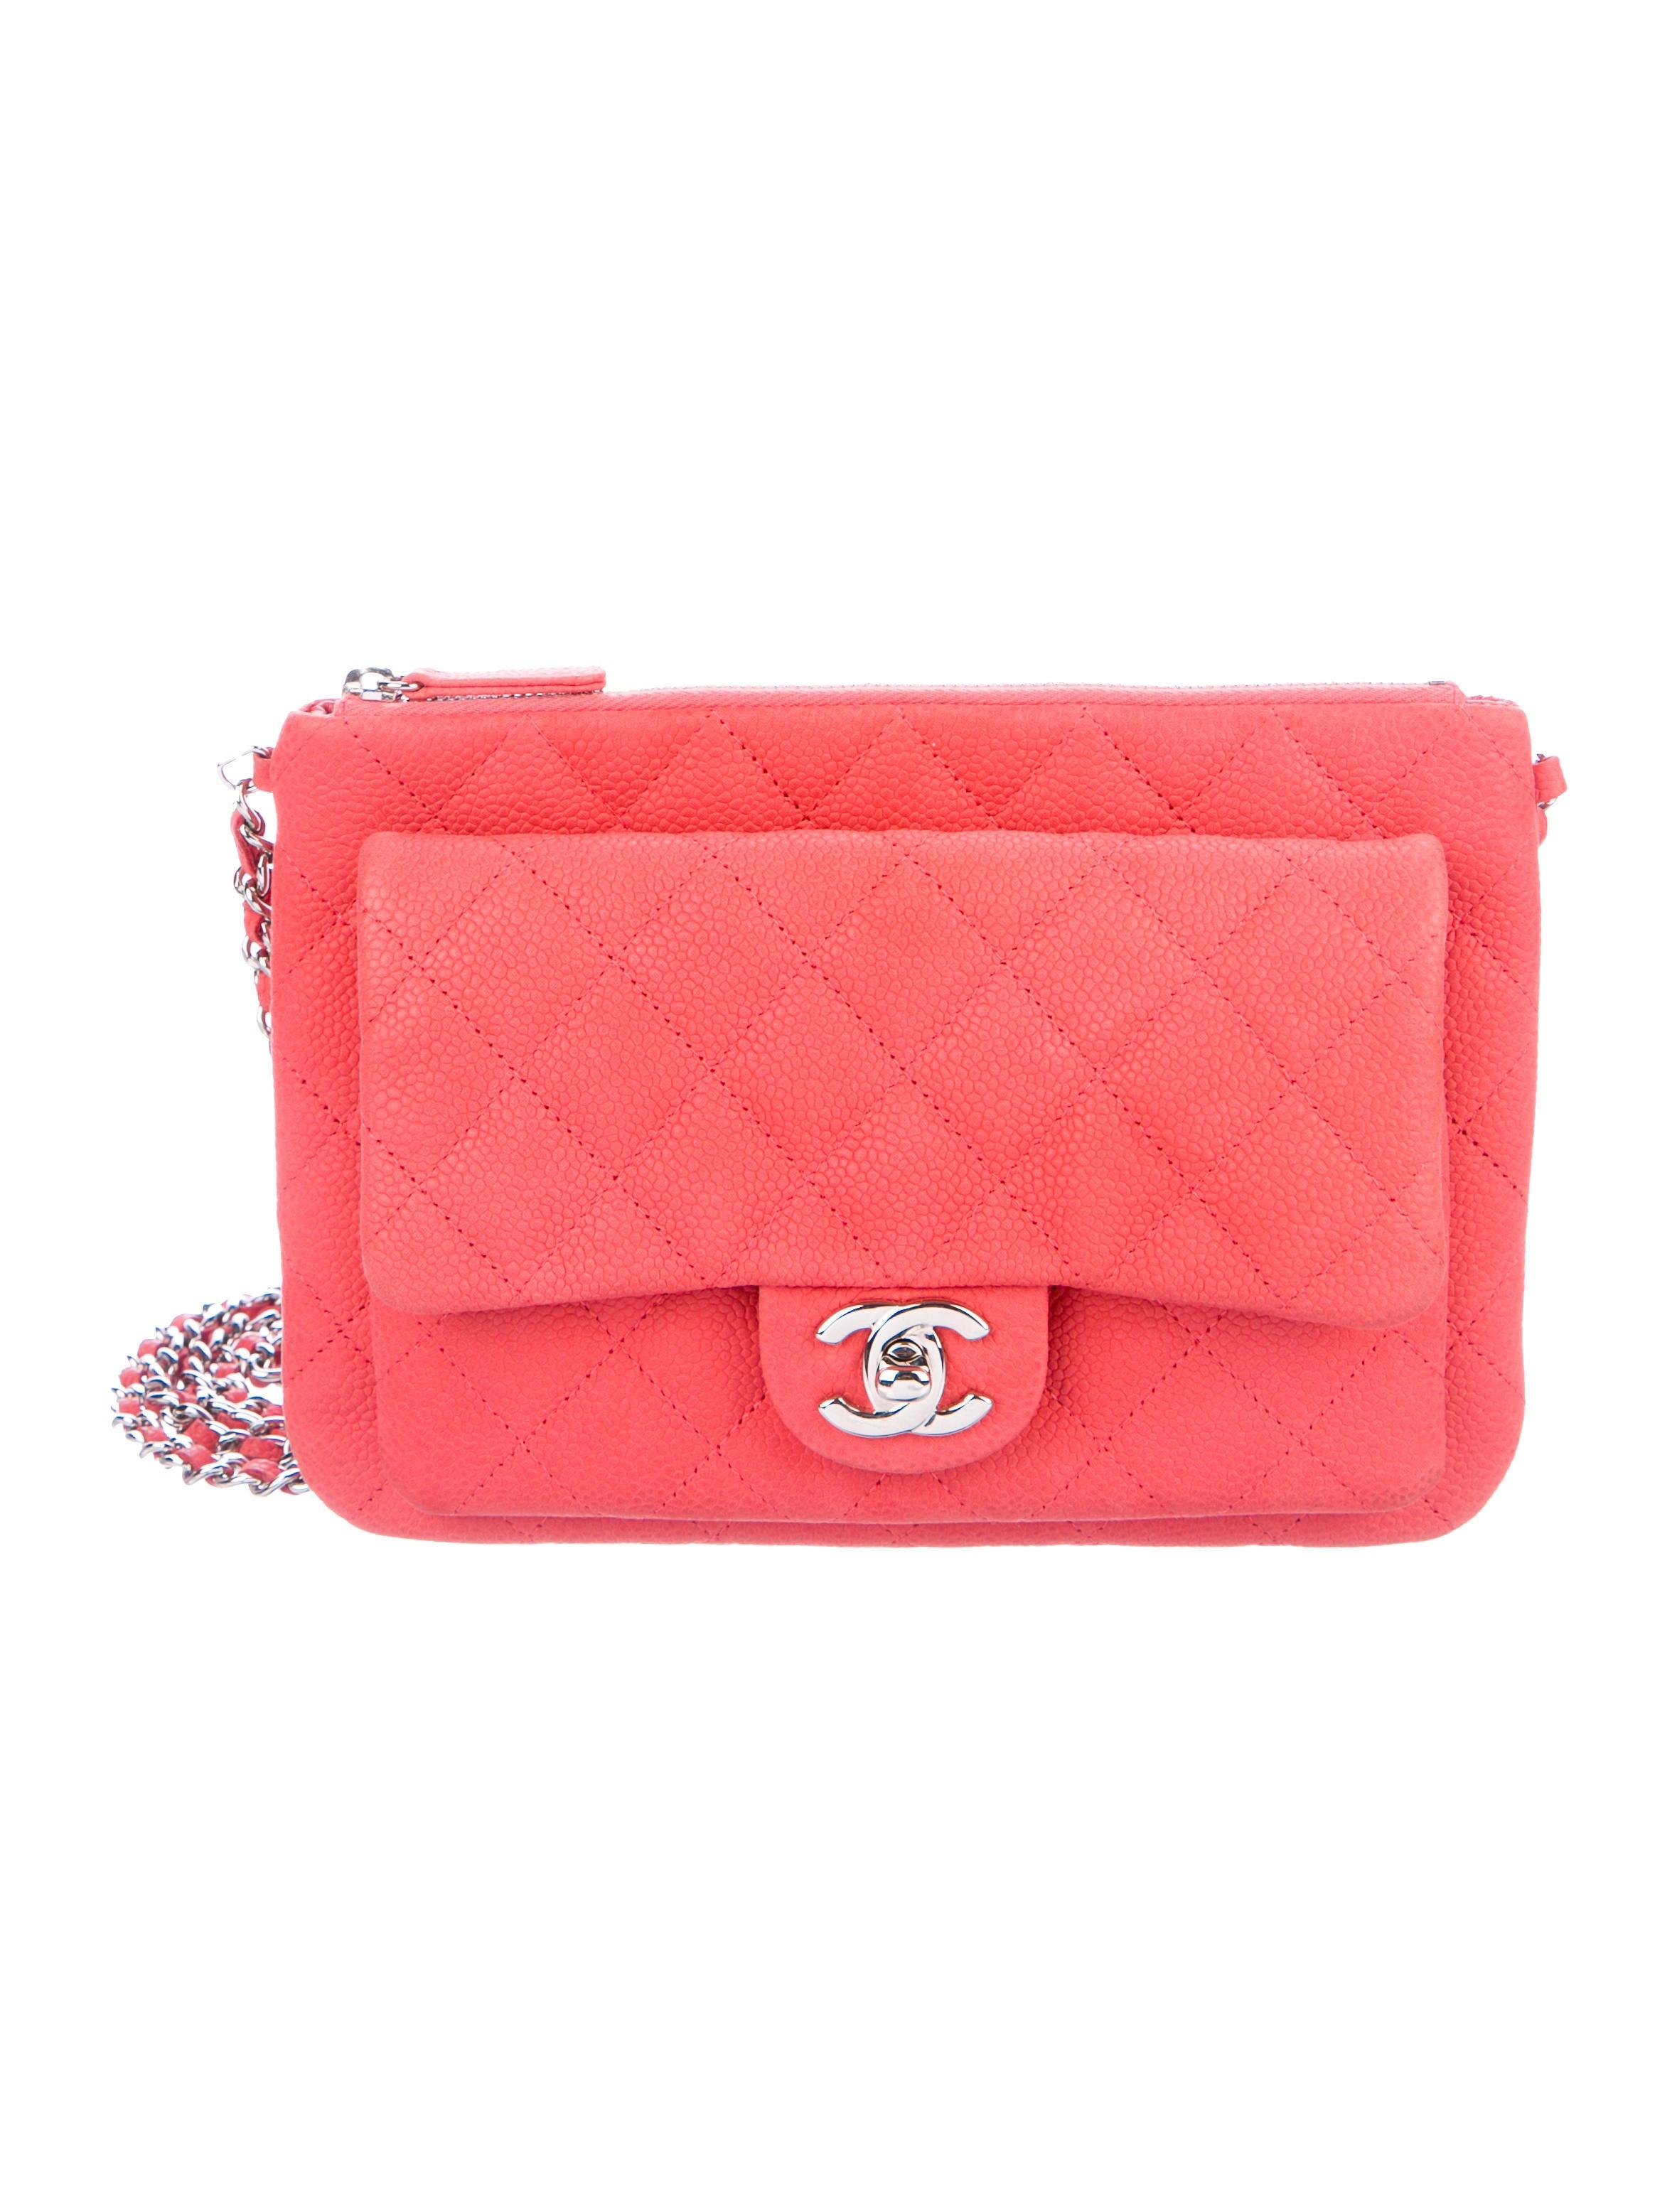 Chanel Daily Zippy Crossbody Bag - Handbags - CHA279157   The RealReal de6674a81a